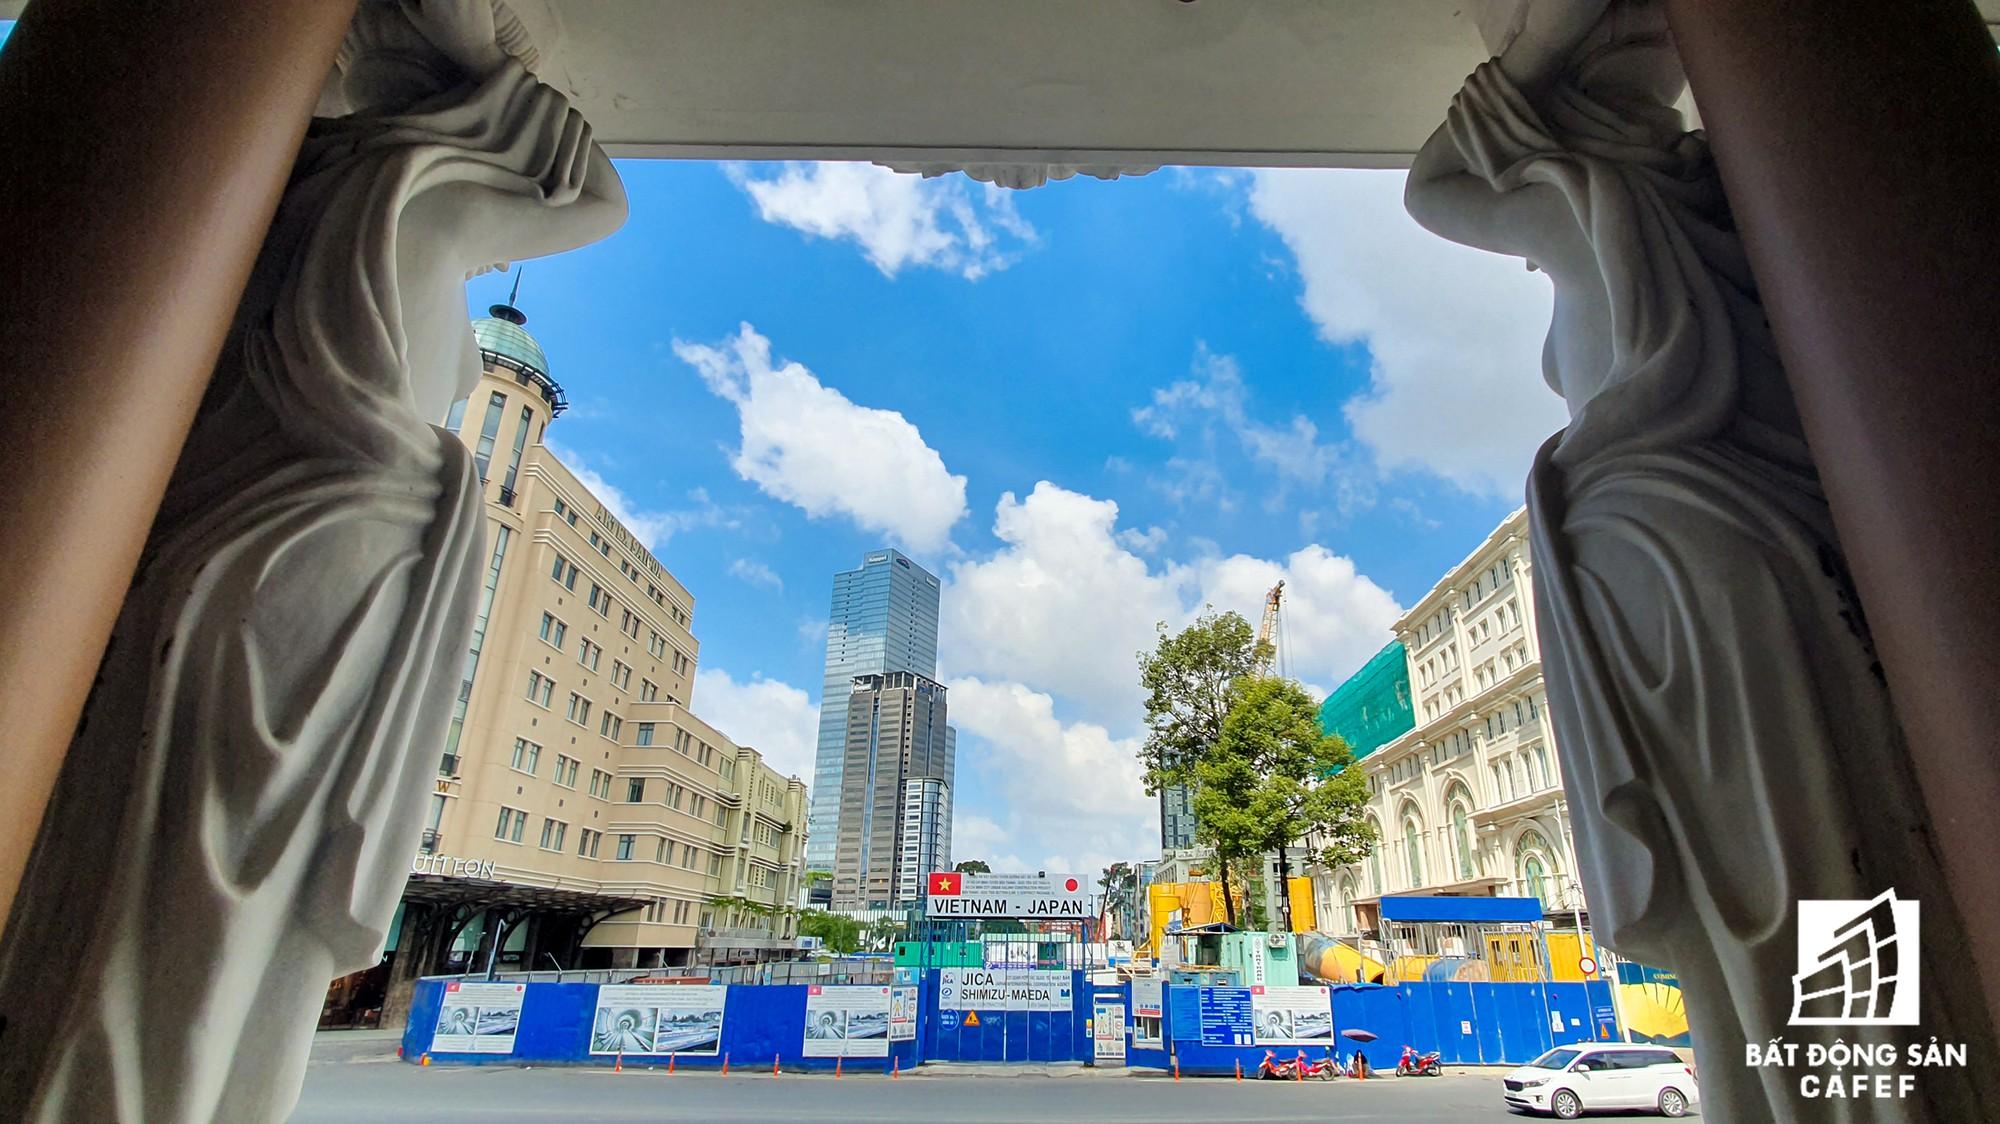 Toàn cảnh con đường có giá bất động sản đắt đỏ nhất Việt Nam, lên tới 2 tỷ đồng một m2 - Ảnh 19.